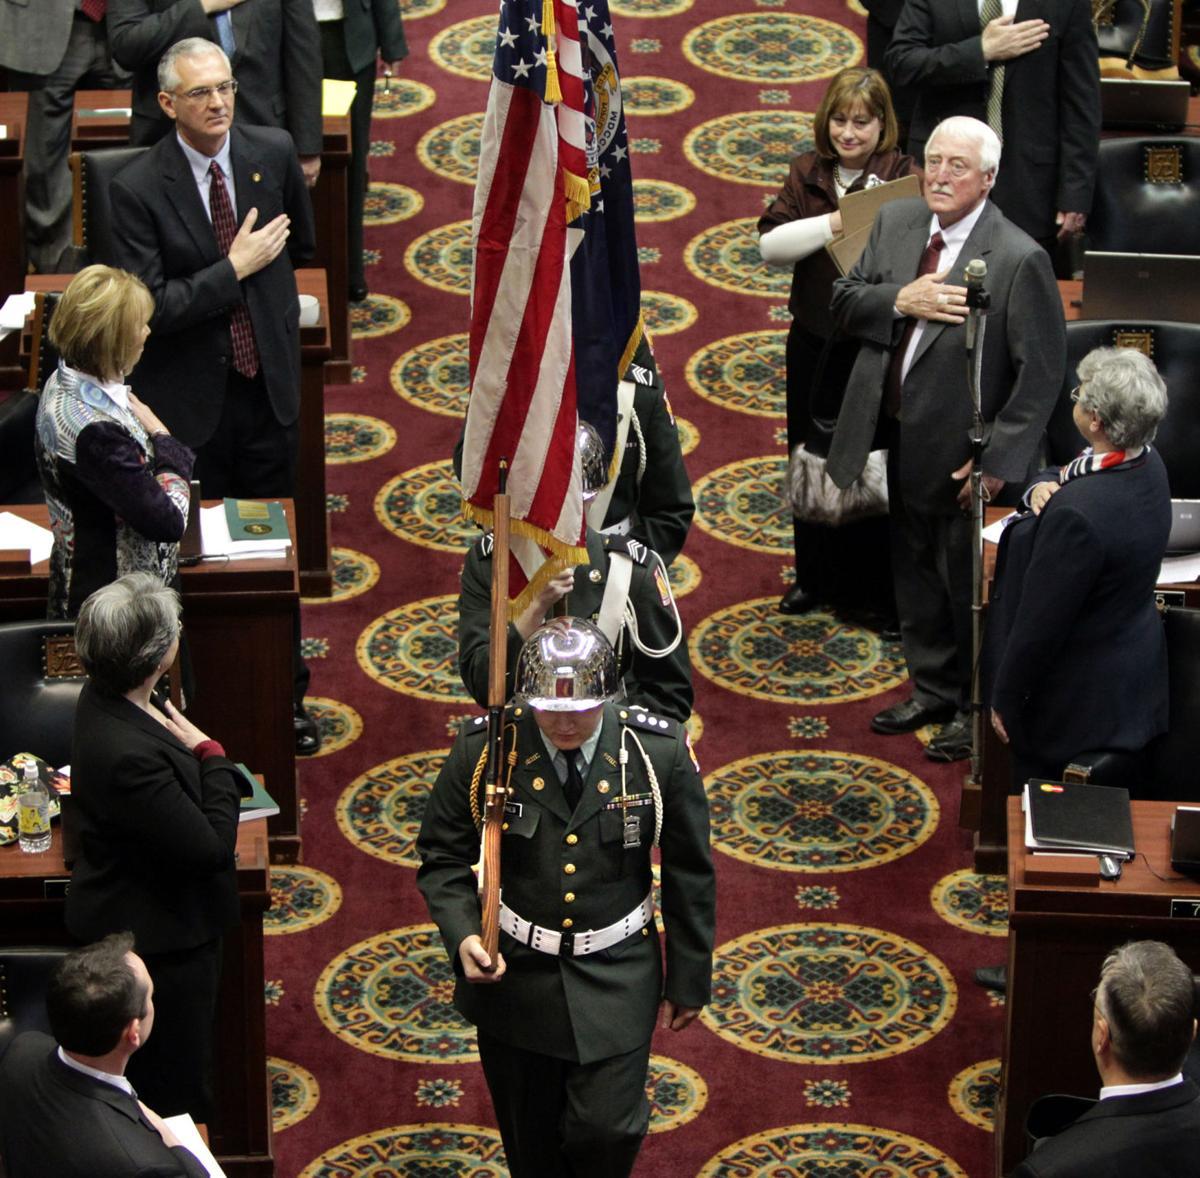 96th Missouri Legislature opens in Jefferson City